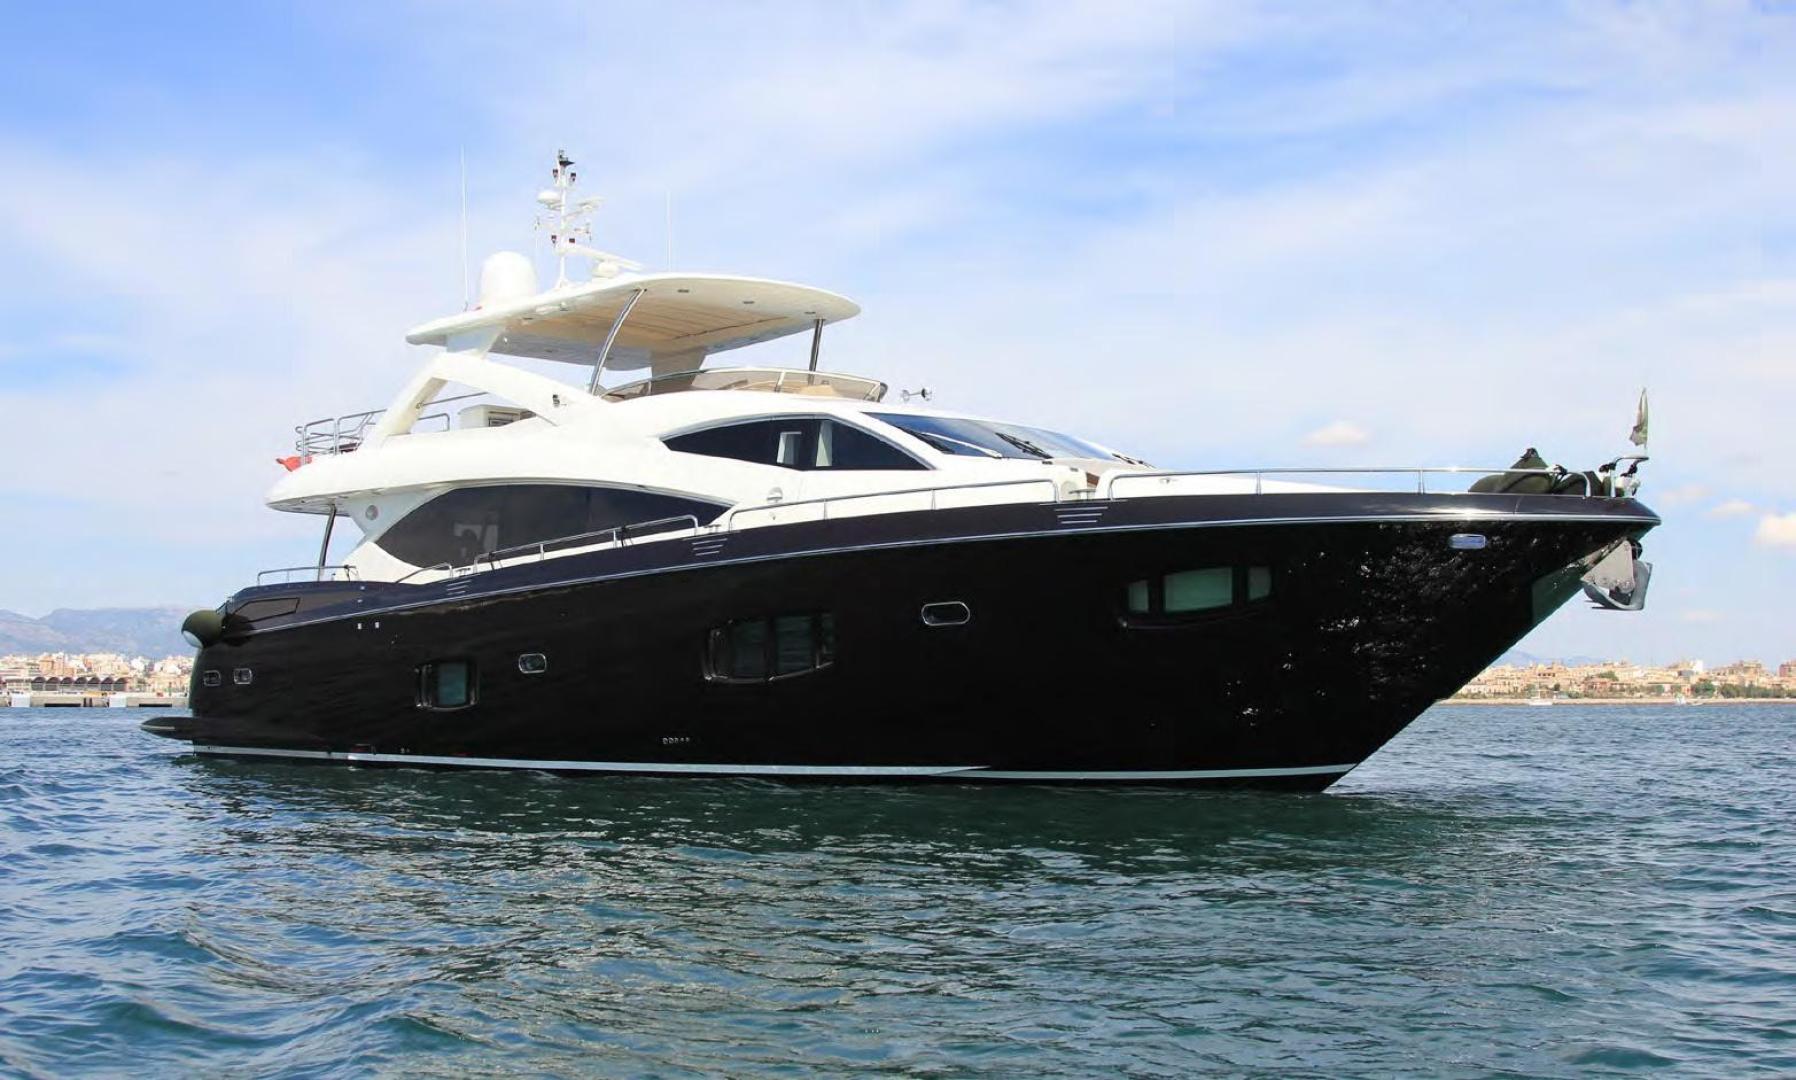 Sunseeker-Flybridge Motoryacht 2009-ANNABEL Mallorca-Spain-Starboard Profile-902629 | Thumbnail